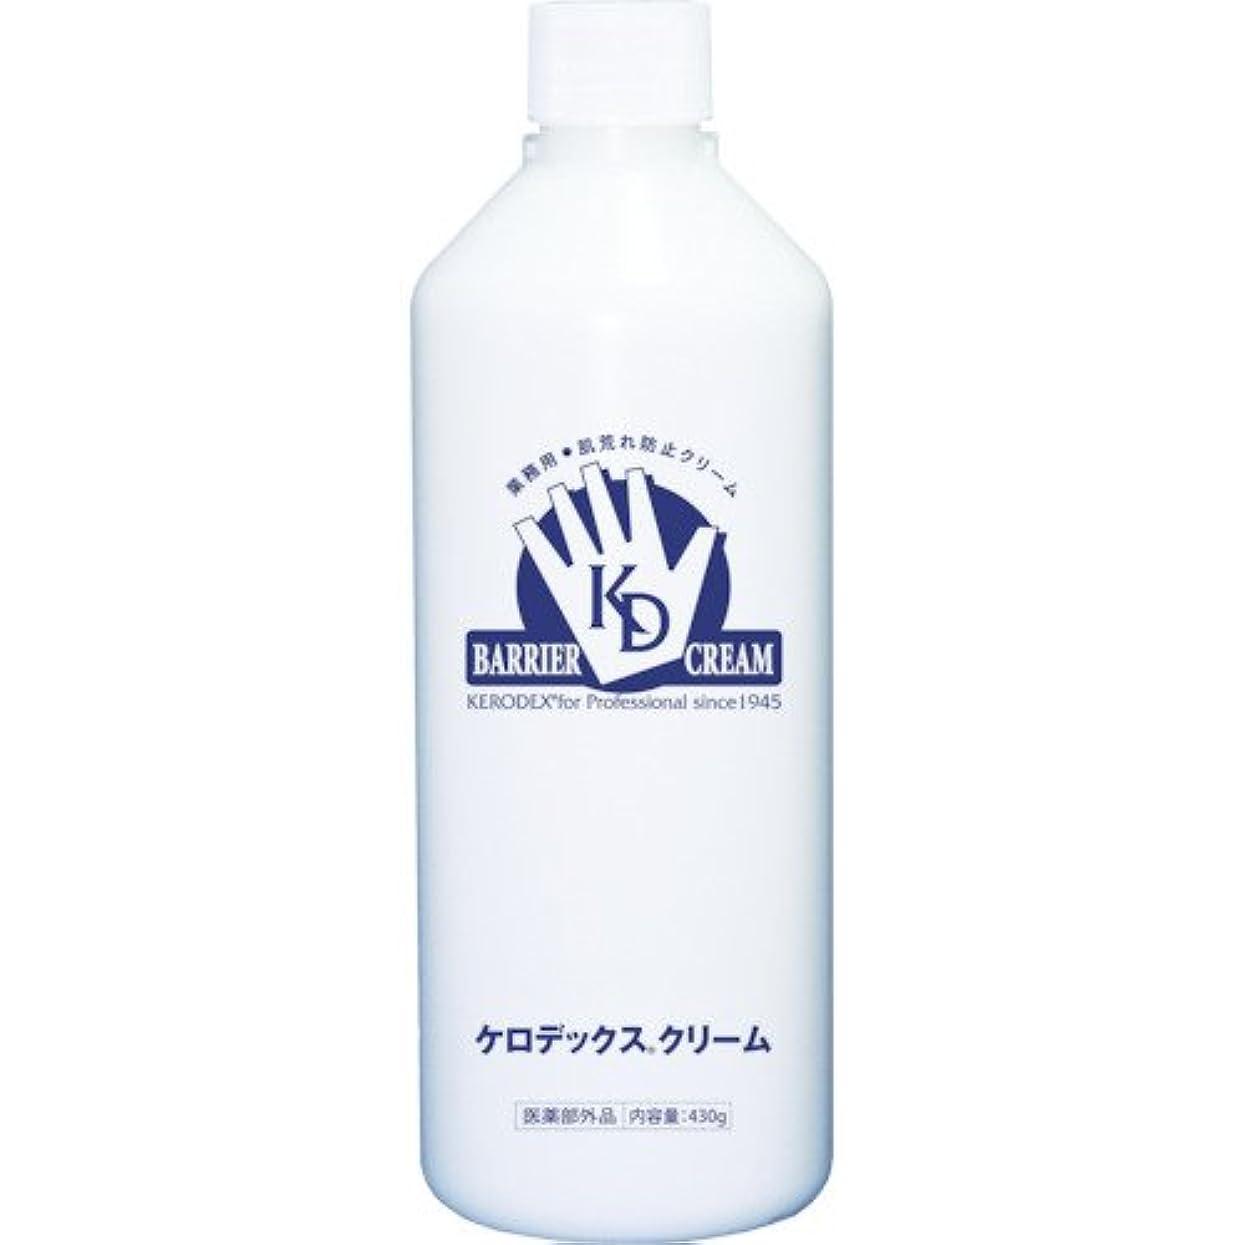 幻影落花生音楽ケロデックスクリーム ボトルタイプ 詰替用 430g